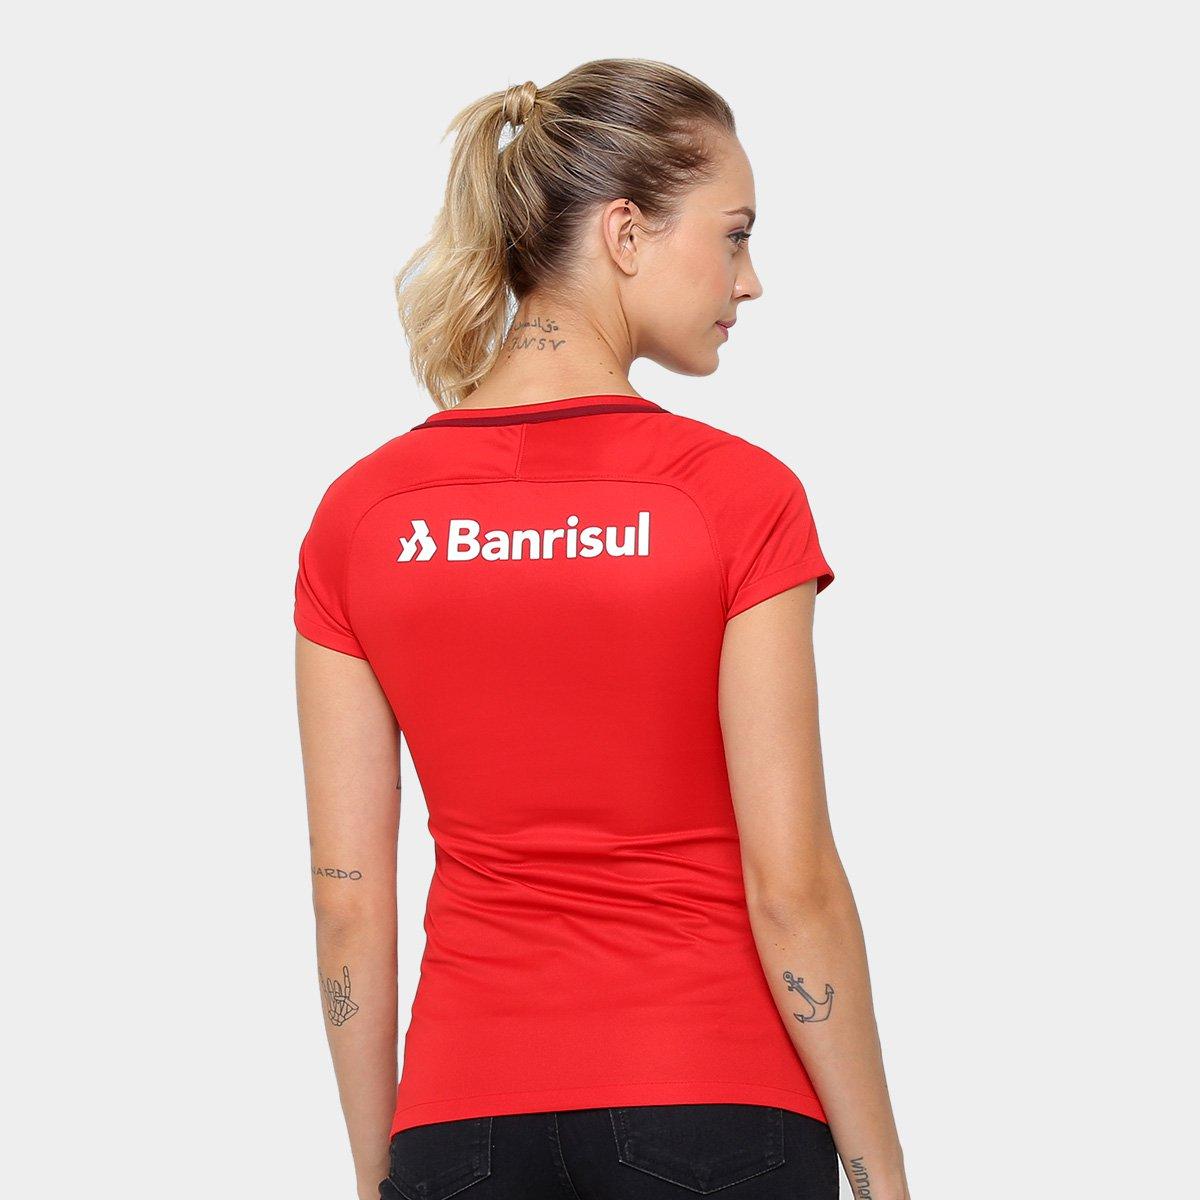 ... Camisa Nike Internacional Home - 17 18 s nº - Torcedor - Feminina ... 6329d6b5525a6